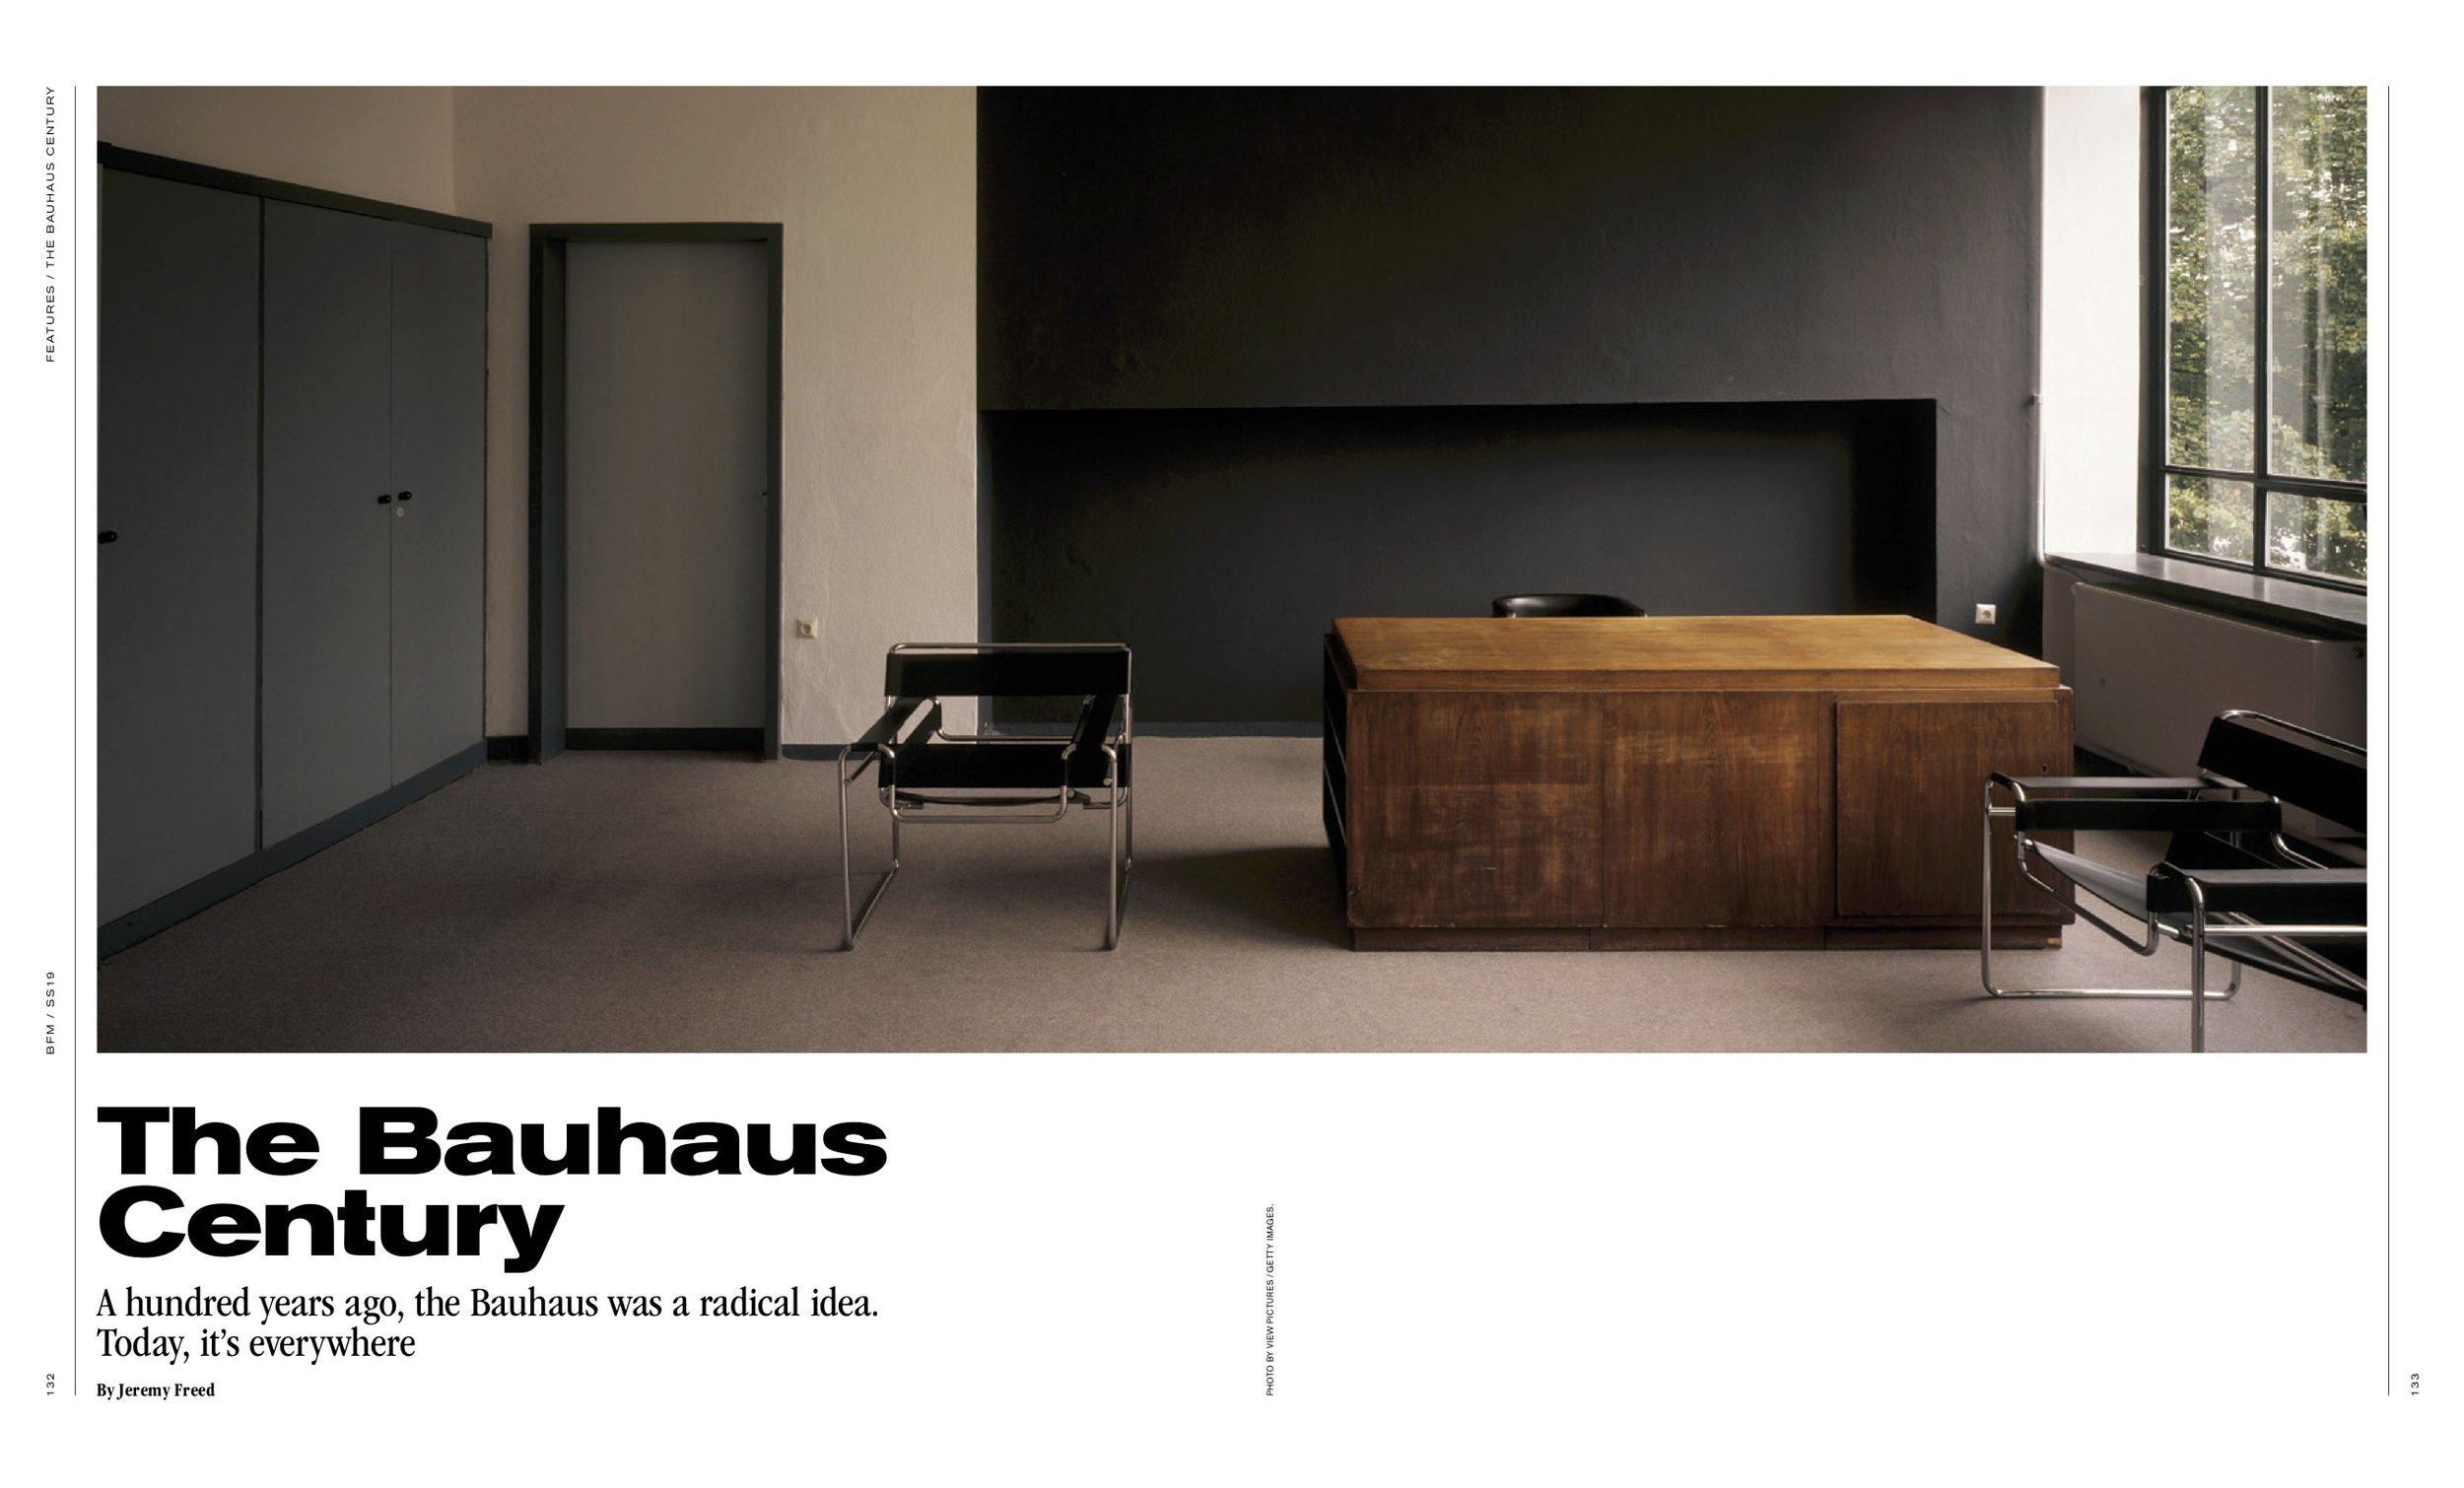 Bauhaus 1.jpg